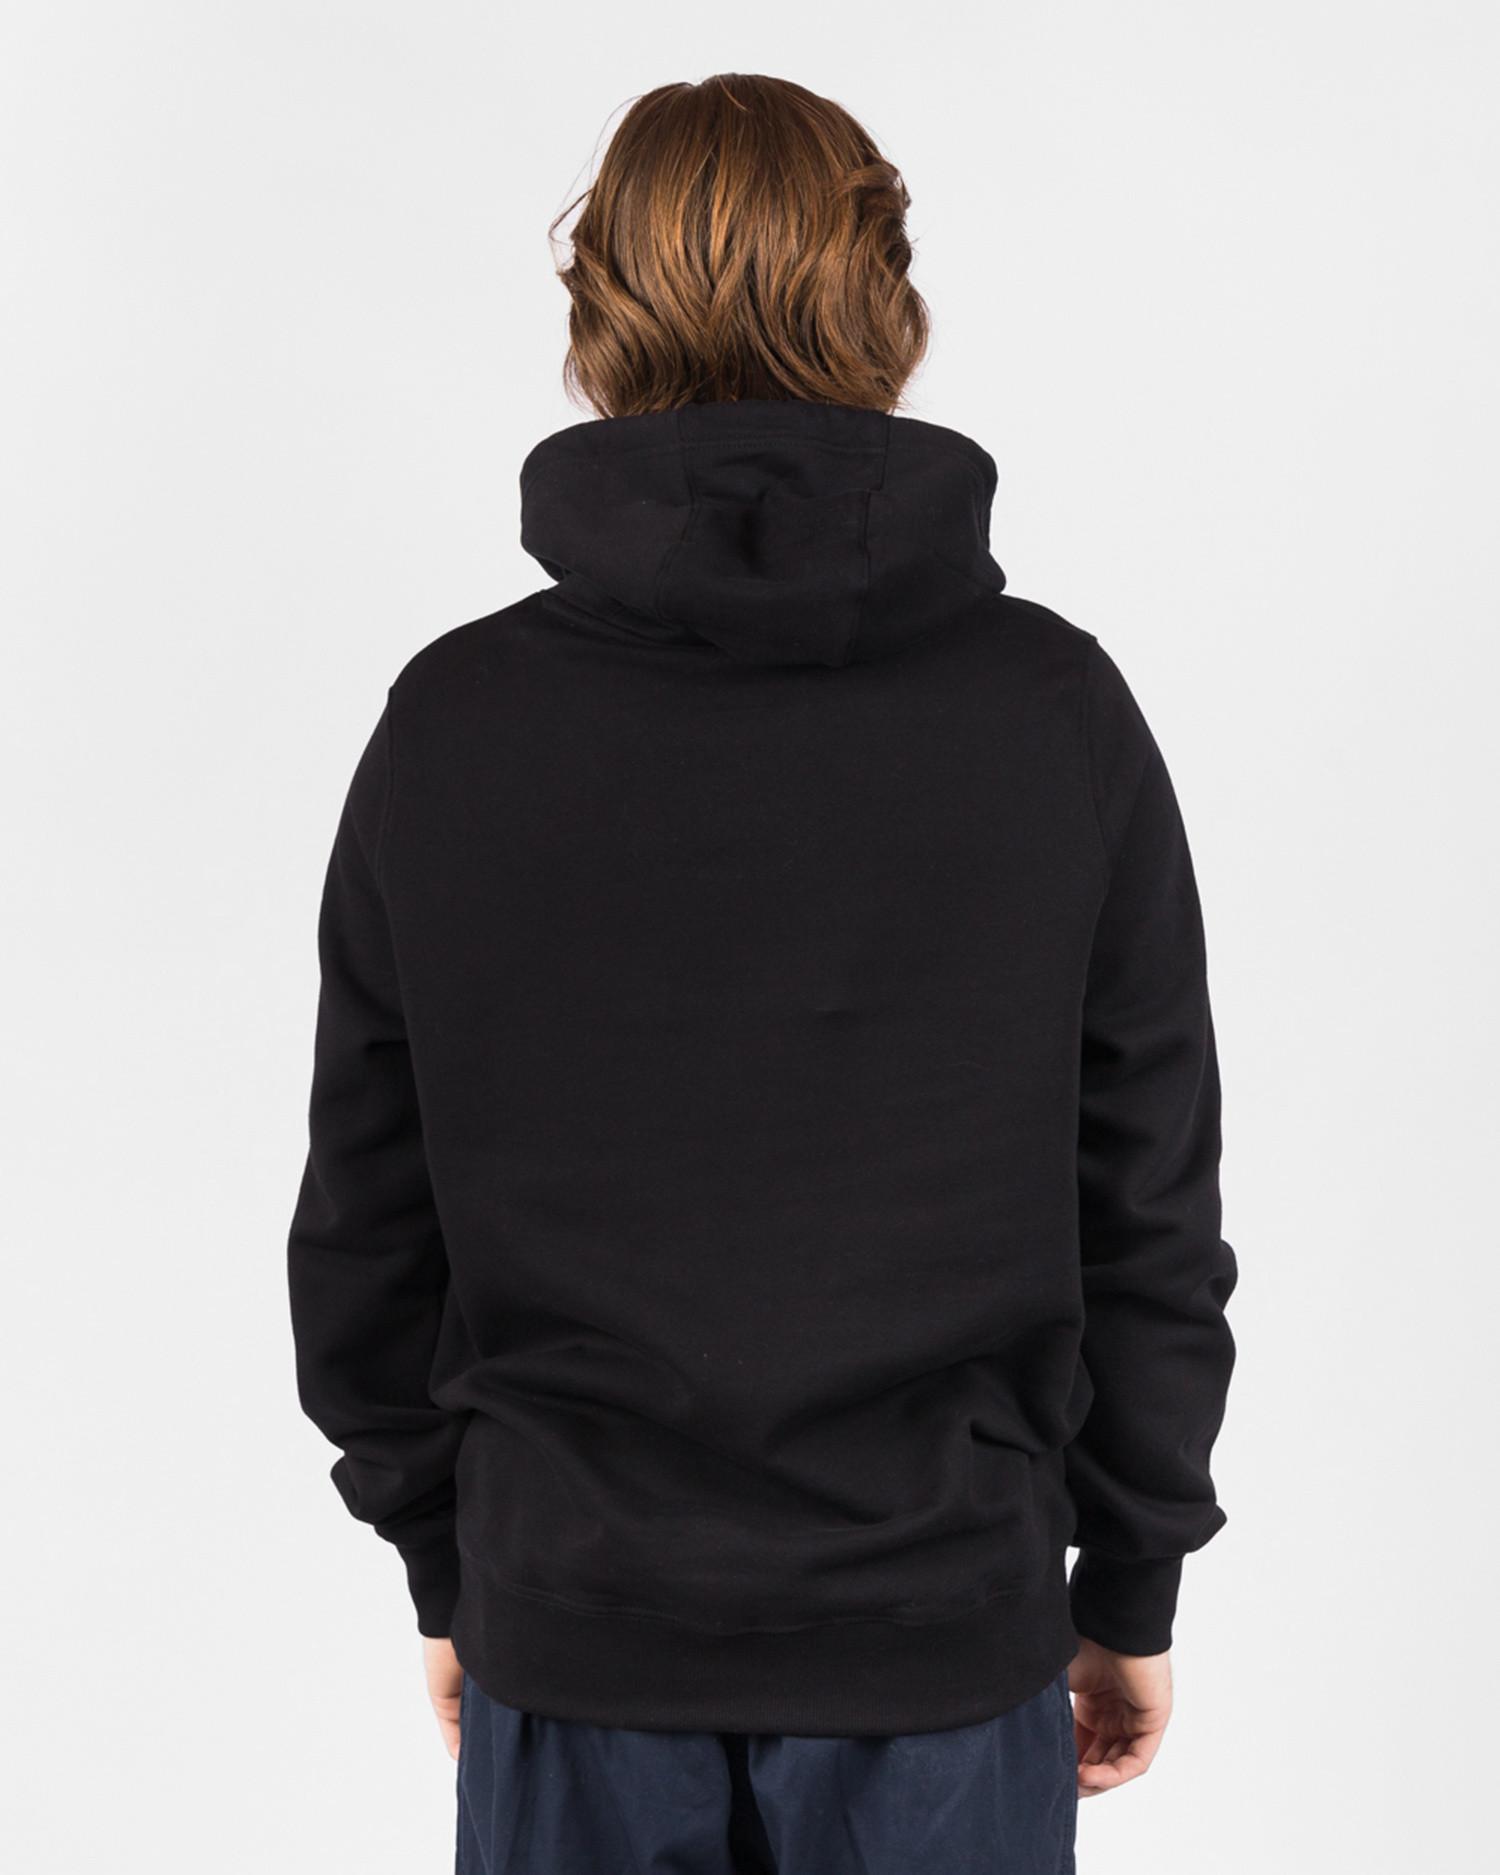 Lockwood Infamous Hood Black